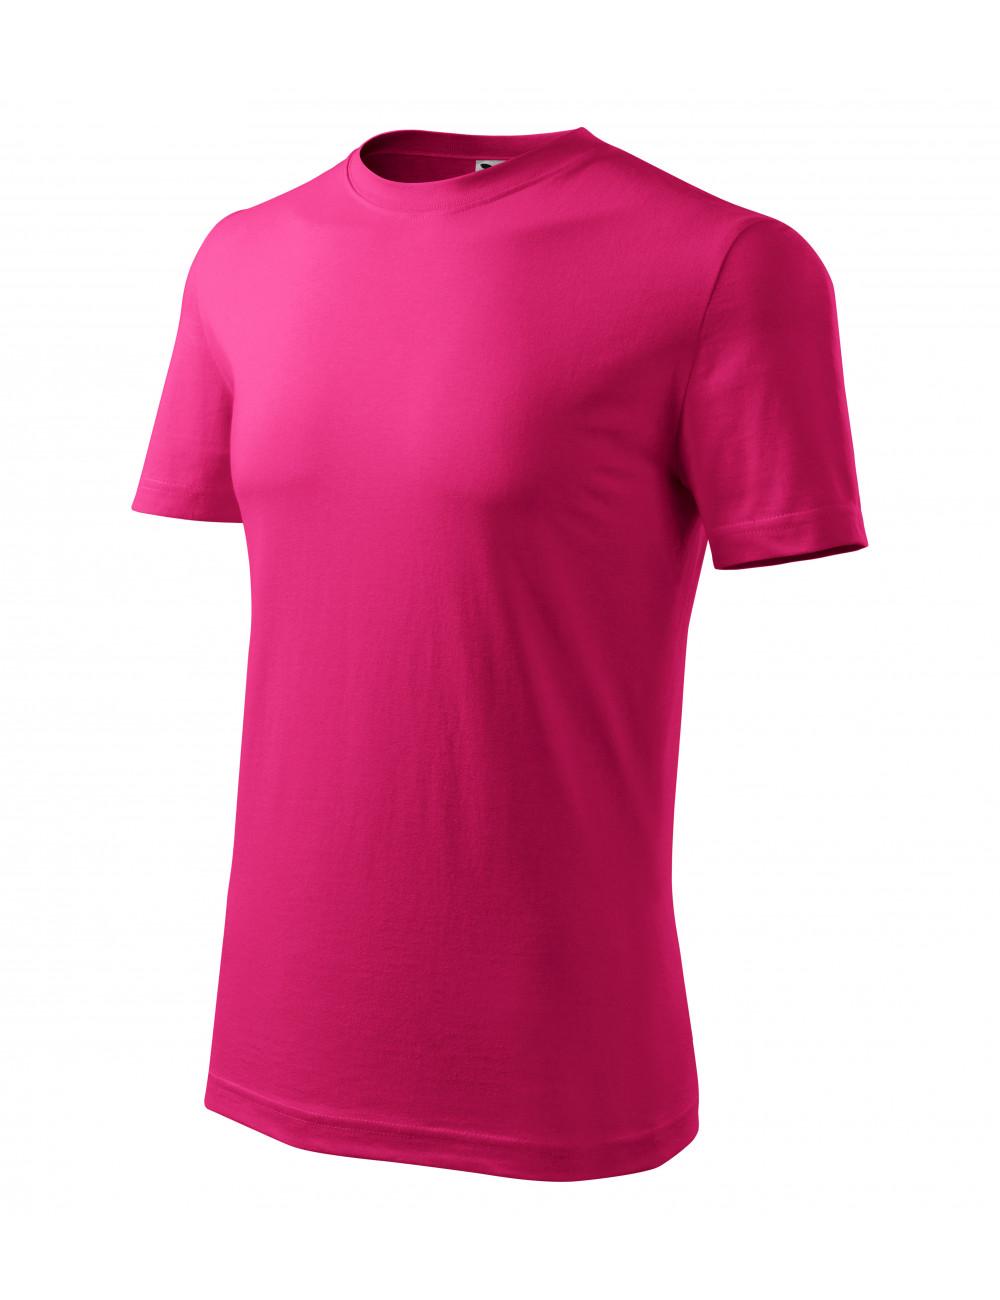 Adler MALFINI Koszulka męska Classic New 132 czerwień purpurowa